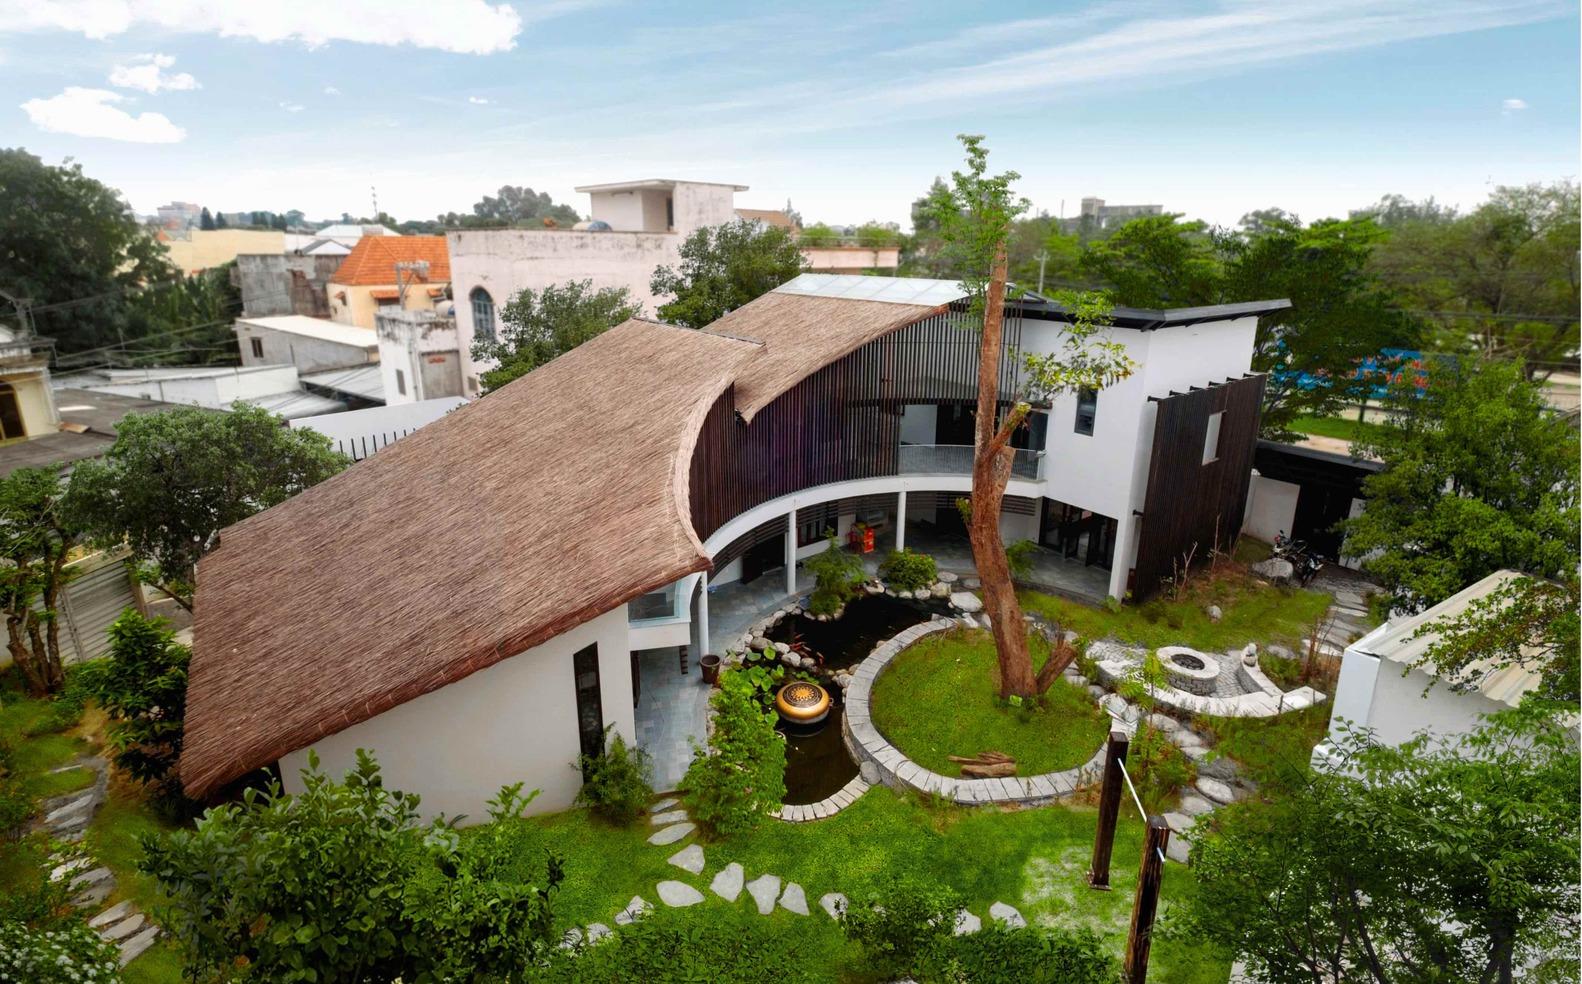 Đáp ứng nguyện vọng của chủ nhà về một không gian gợi nhớ kỷ niệm cũ, các kiến trúc sư đã dựng ngôi nhà mới 2 tầng với đầy đủ tiện nghi nhưng vẫn giao hòa với thiên nhiên